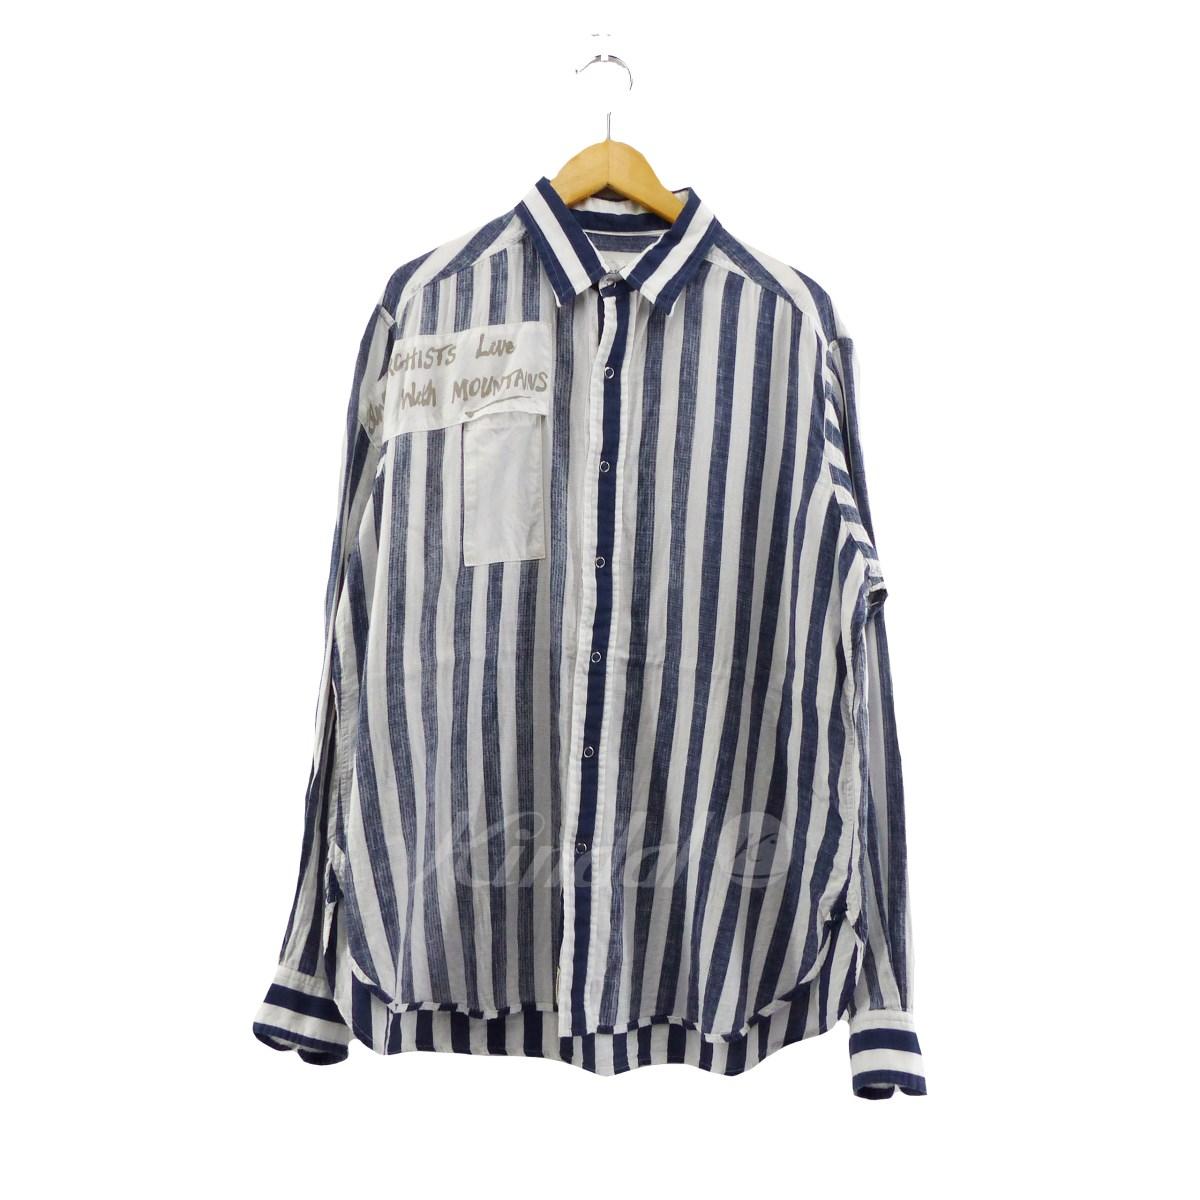 【中古】Mountain Research Anarchist Shirt ストライプシャツ ネイビー×ホワイト サイズ:XL 【送料無料】 【130319】(マウンテンリサーチ)